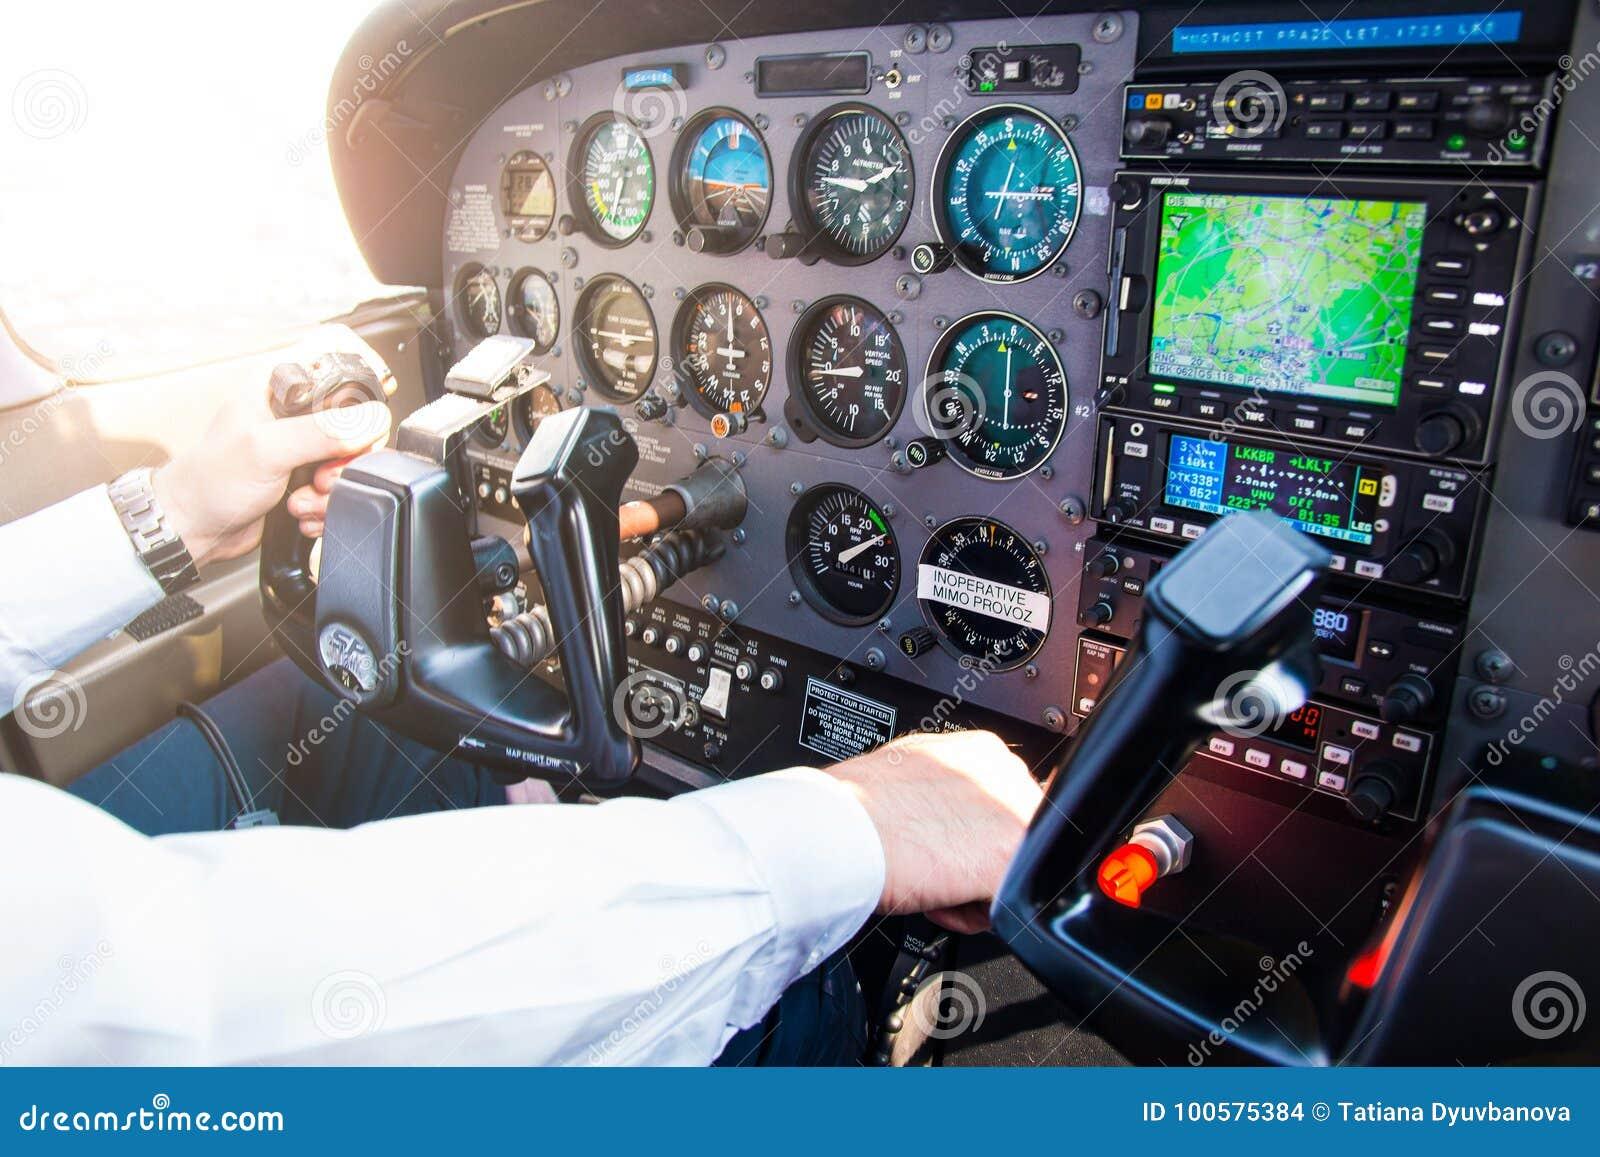 PRAGA, REPÚBLICA CHECA - 9 09 2017: Mano del piloto en el volante de dirección en el pequeños avión y tablero de instrumentos